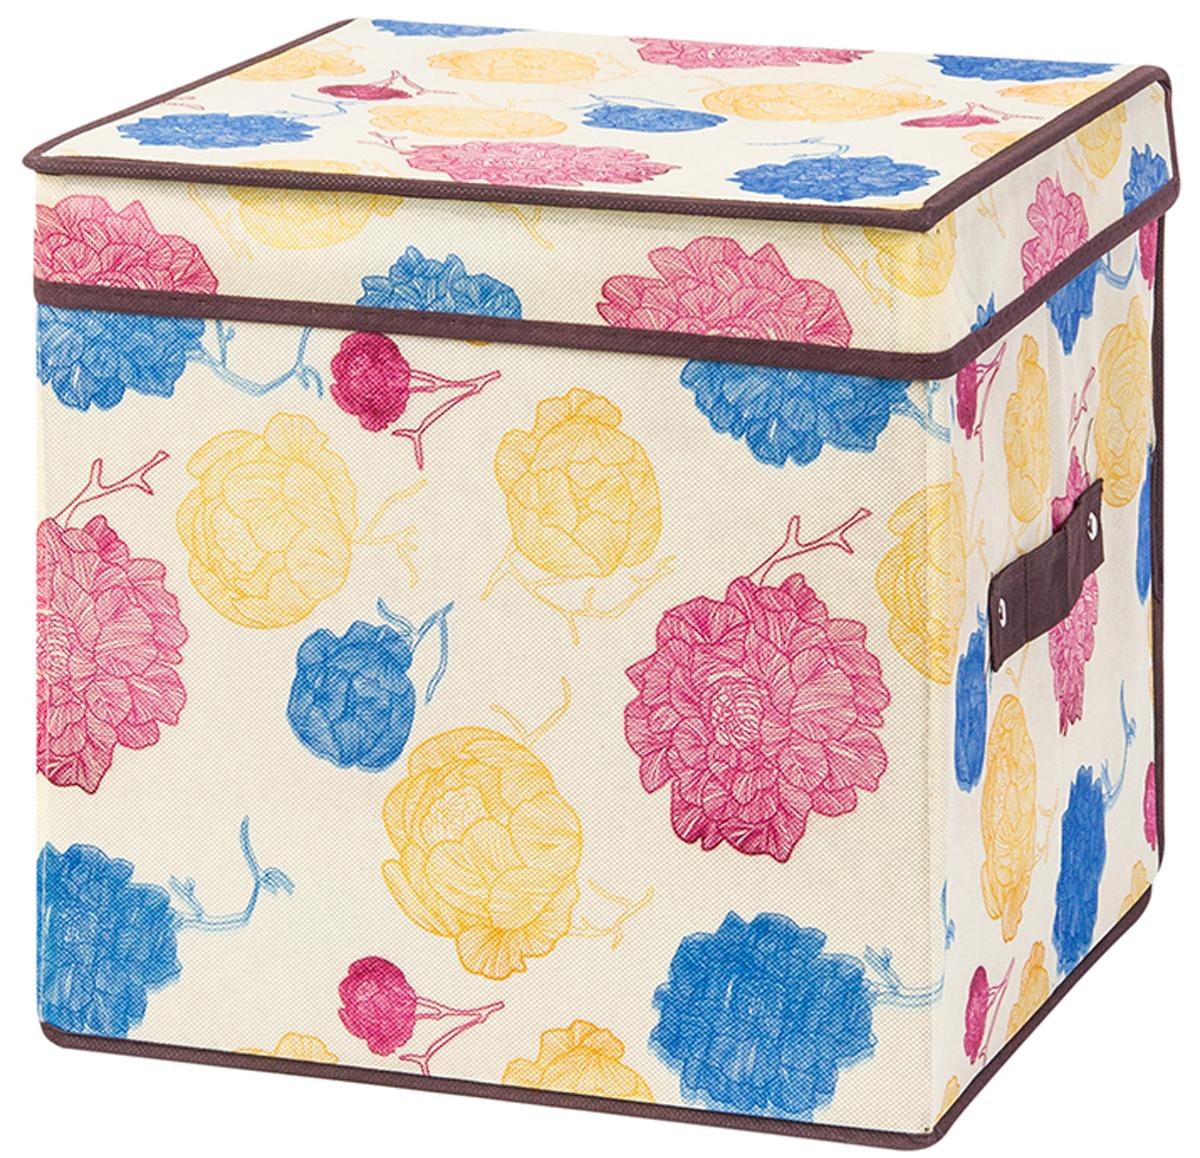 Кофр складной для хранения El Casa Яркие пионы, 31 х 31 х 31 см370755Кофр для хранения представляет собой закрывающуюся крышкой коробку жесткой конструкции, благодаря наличию внутри плотных листов картона. Специально предназначен для защиты Вашей одежды от воздействия негативных внешних факторов: влаги и сырости, моли, выгорания, грязи. Позволит организовать хранение перчаток, ремней, шарфов. Размер 31х31х31 см.Кофр складной для хранения 31*31*31 см. EL Casa Яркие пионы + ручка, квадрат